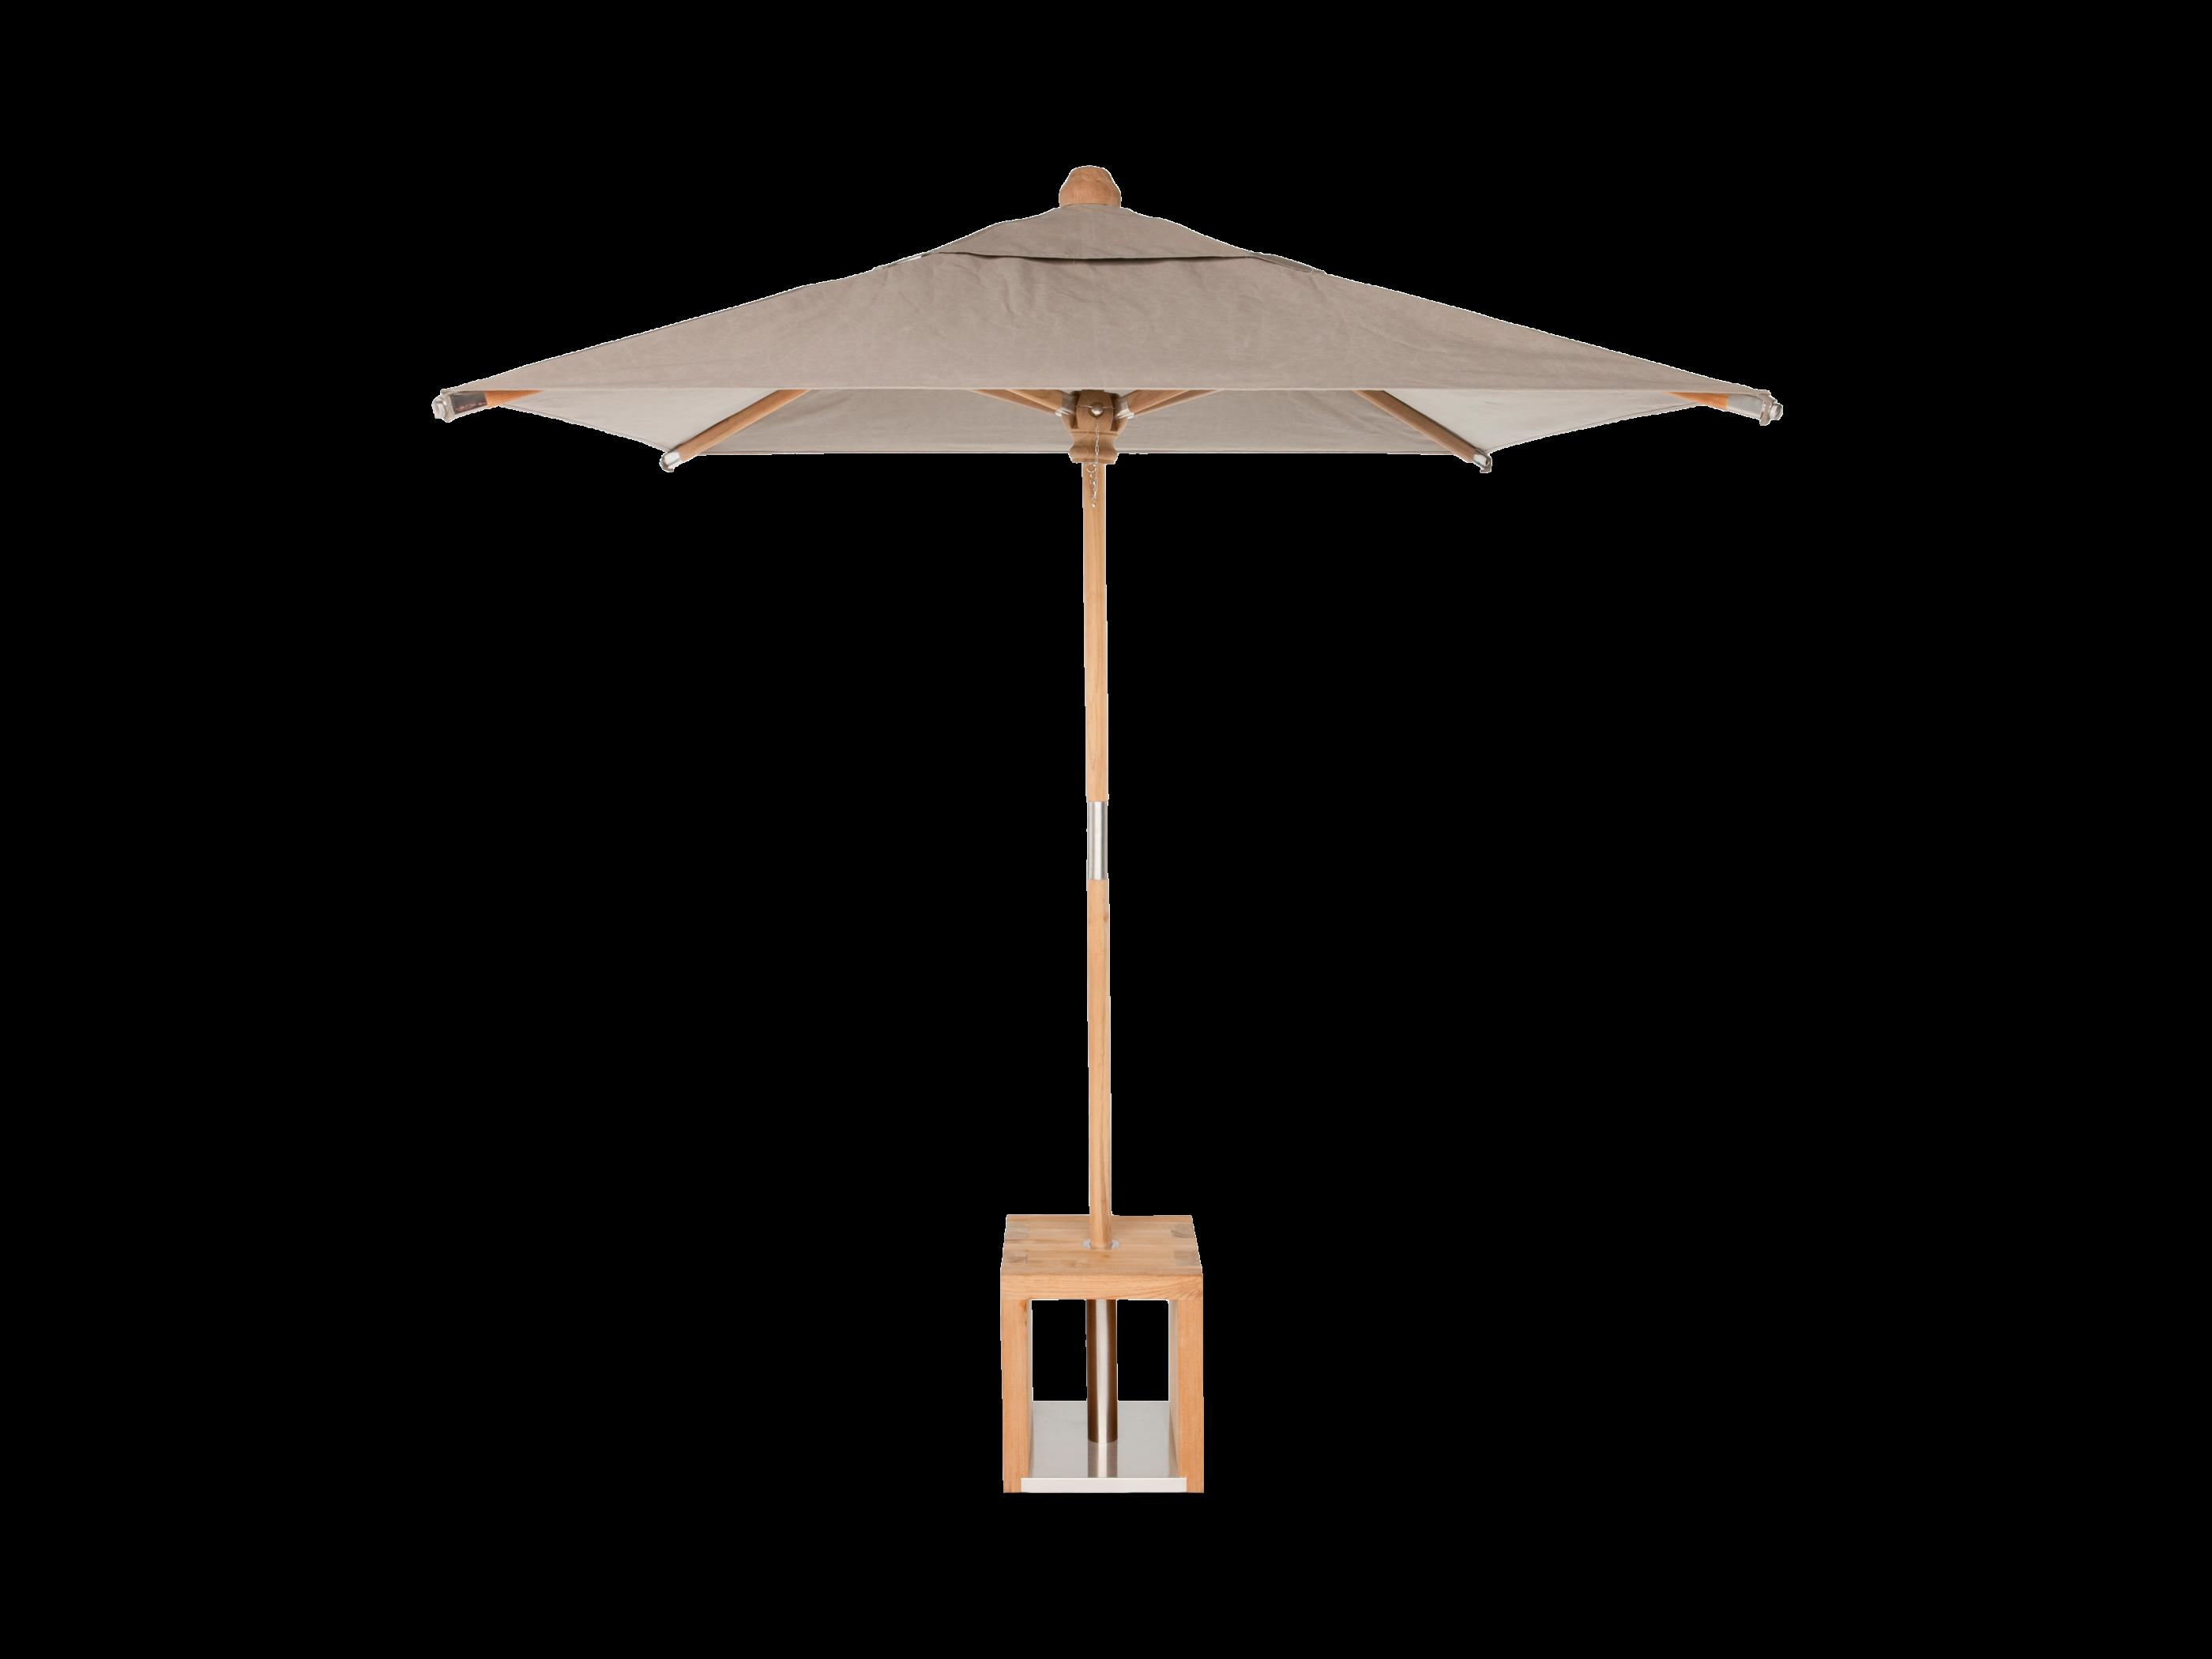 outdoor umbrella ayr umbrella APDCHUP